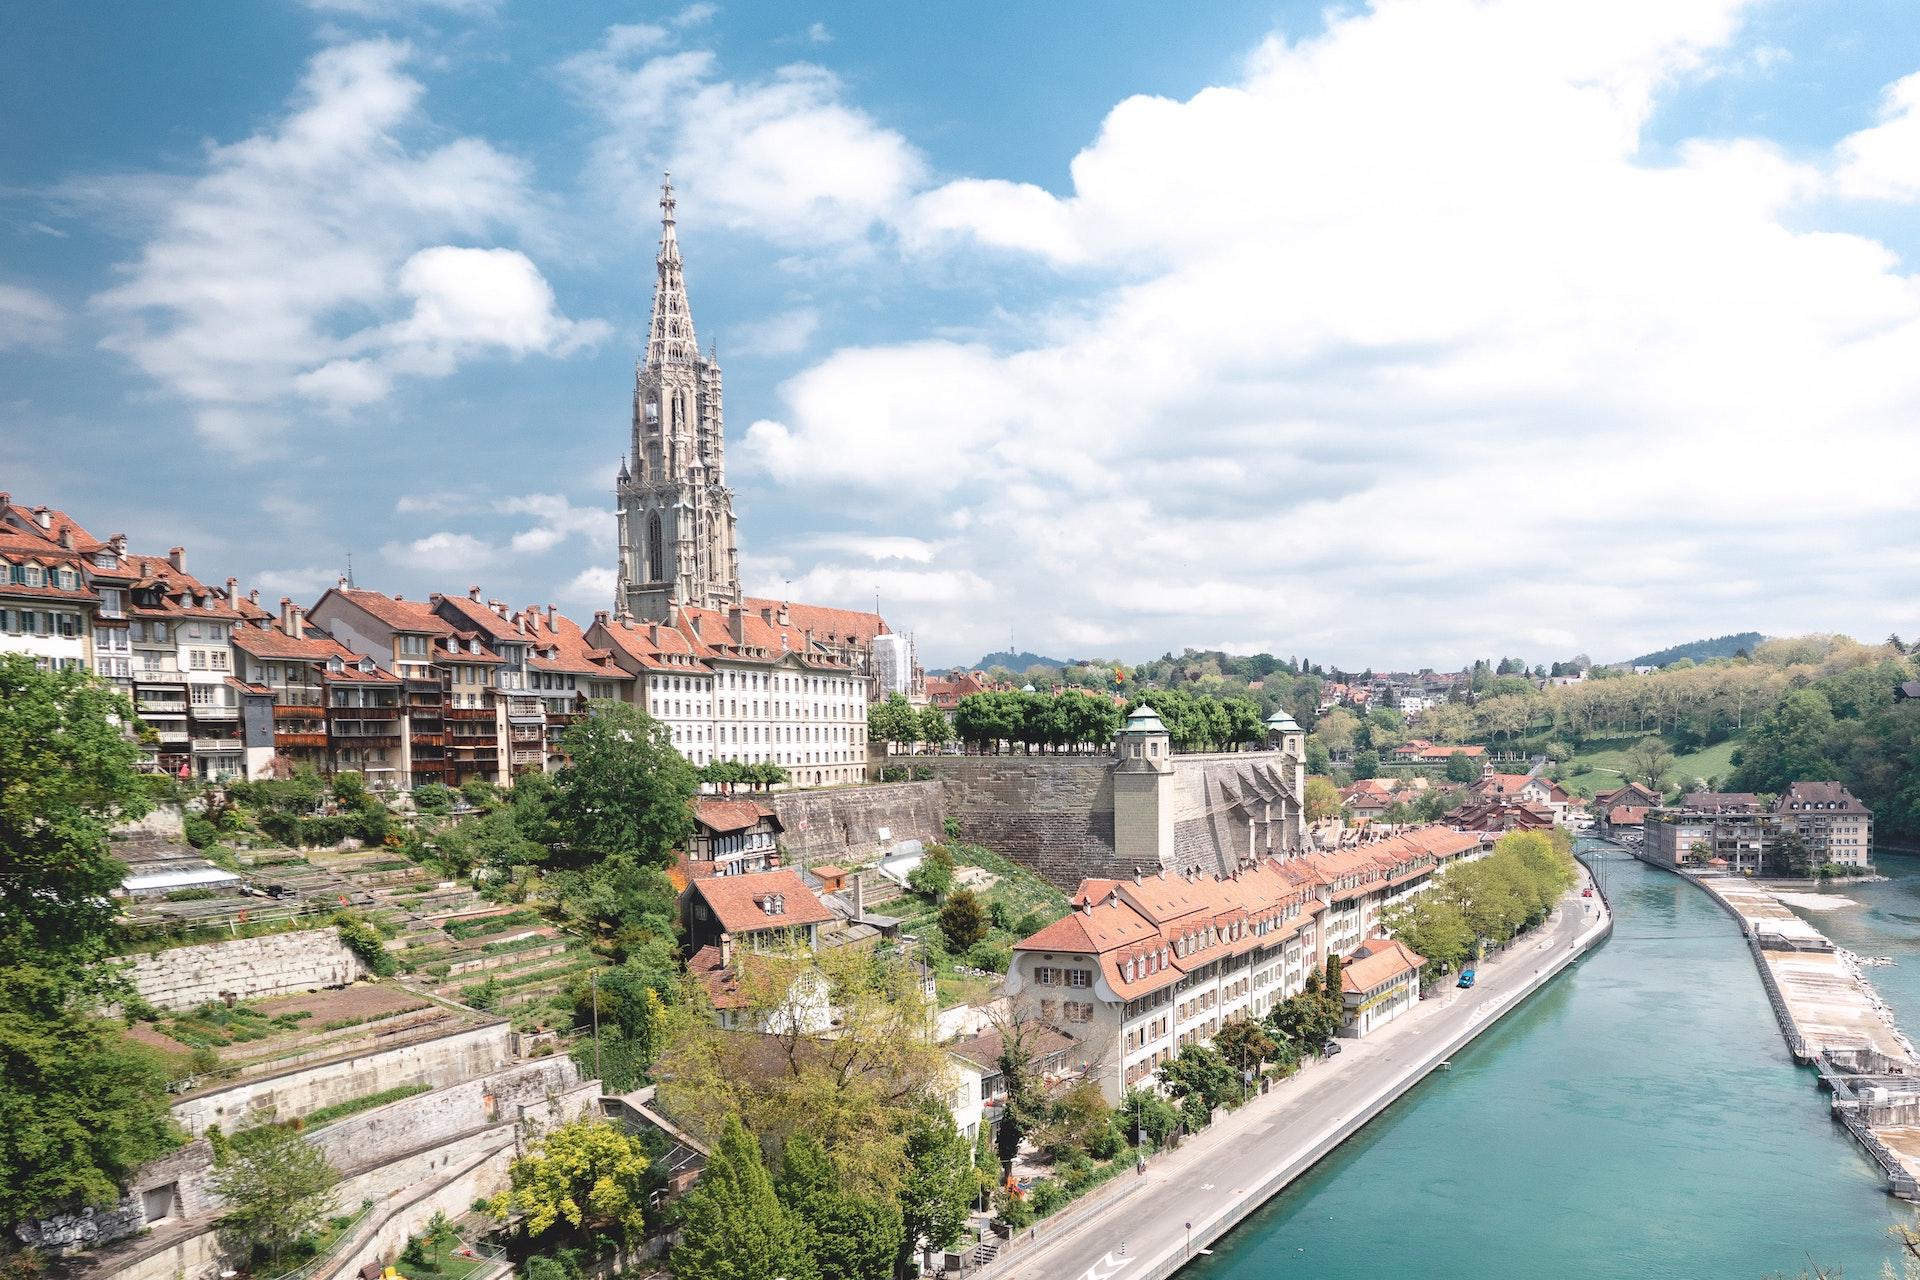 Photo: Bern, Switzerland | Credit: Will Truettner, YFS Magazine, Unsplash